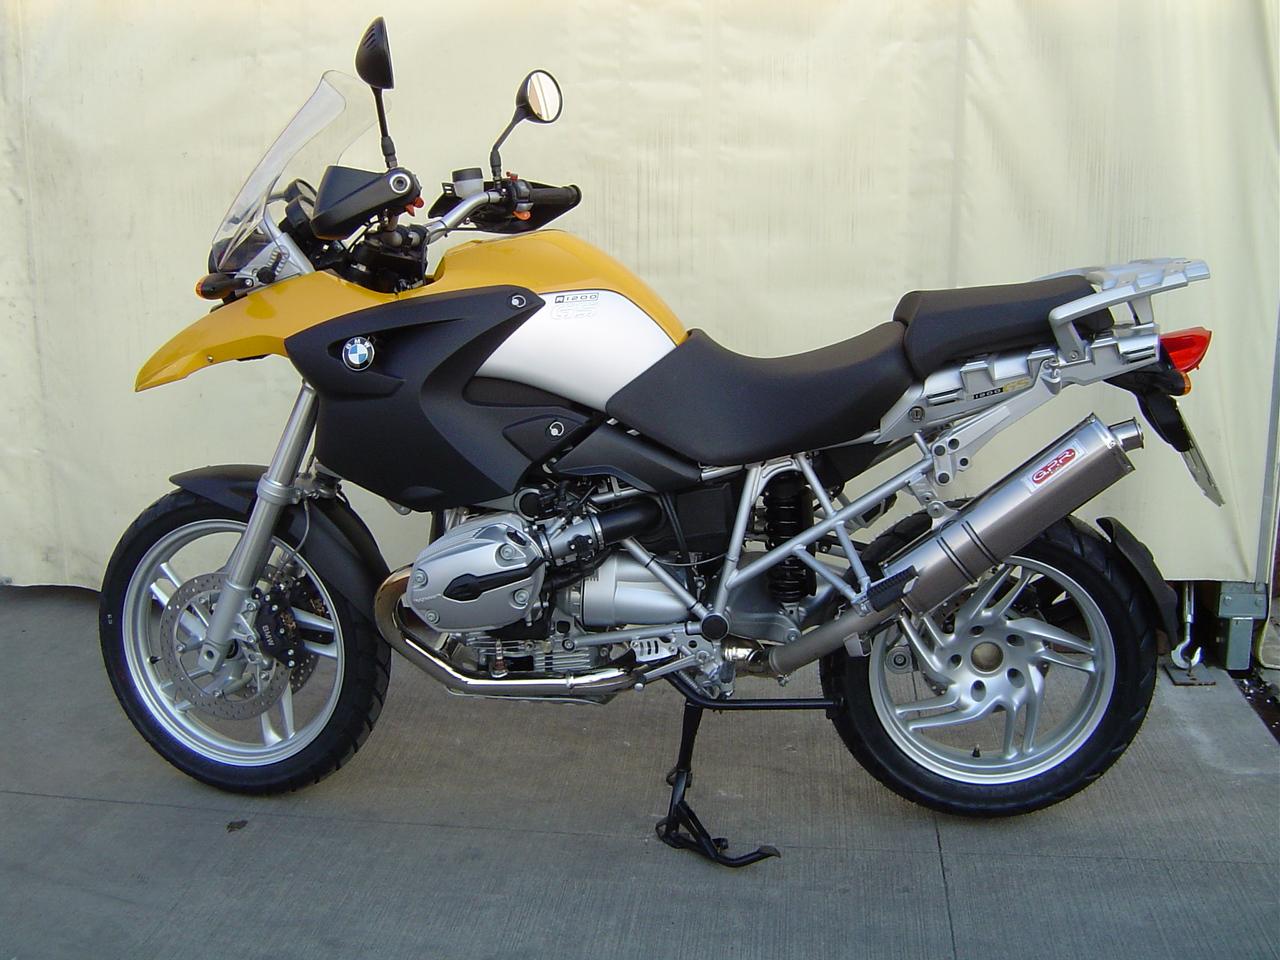 BMW / R 1200 GS 2004/09 - ADV 2005/2010 / TITANIUM OVALE / OVAL / BMW 12 TO